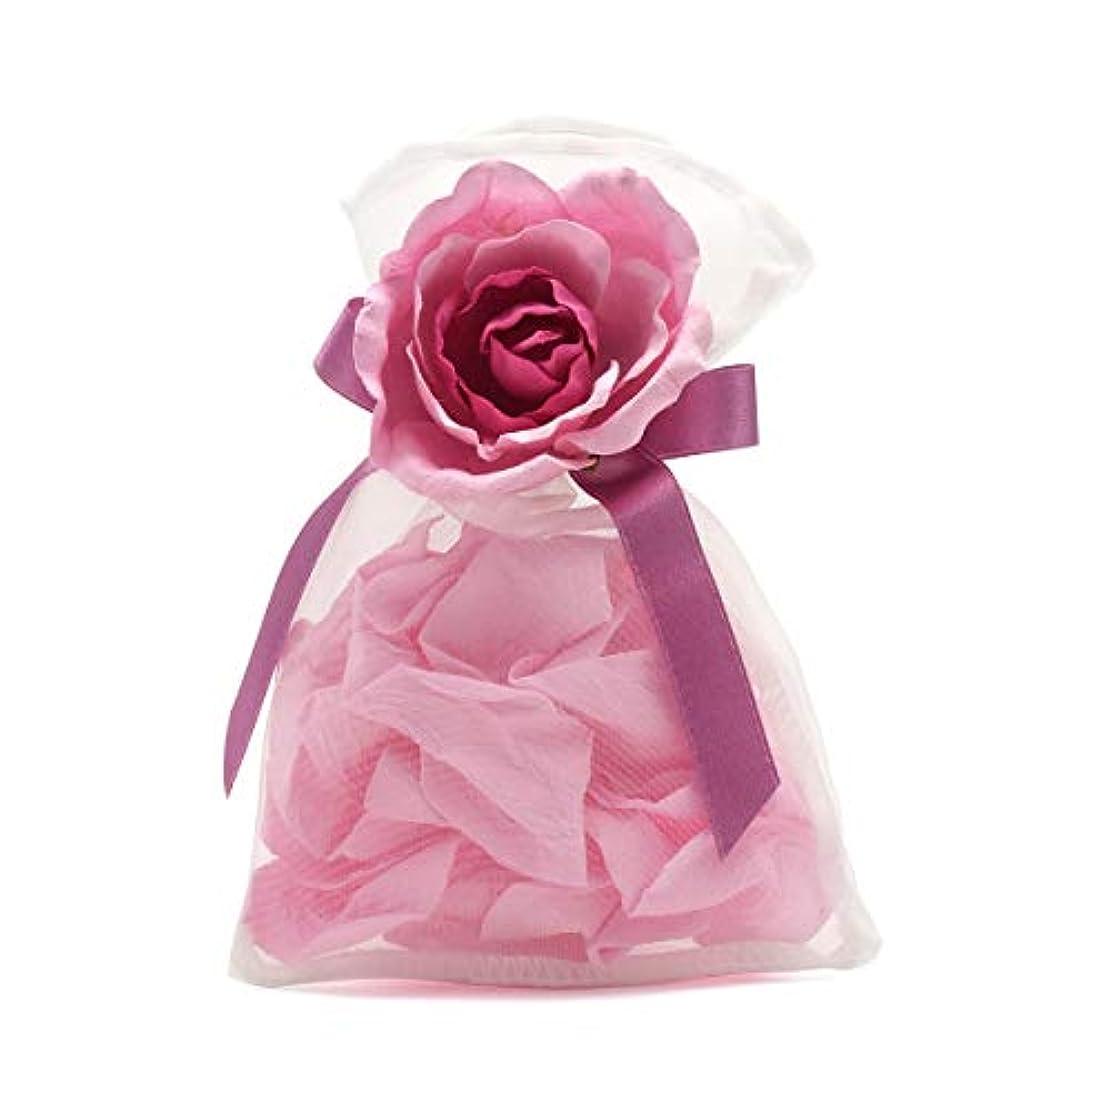 隔離フェザー書くノルコーポレーション メルシーブーケ サシェ ローズの香り